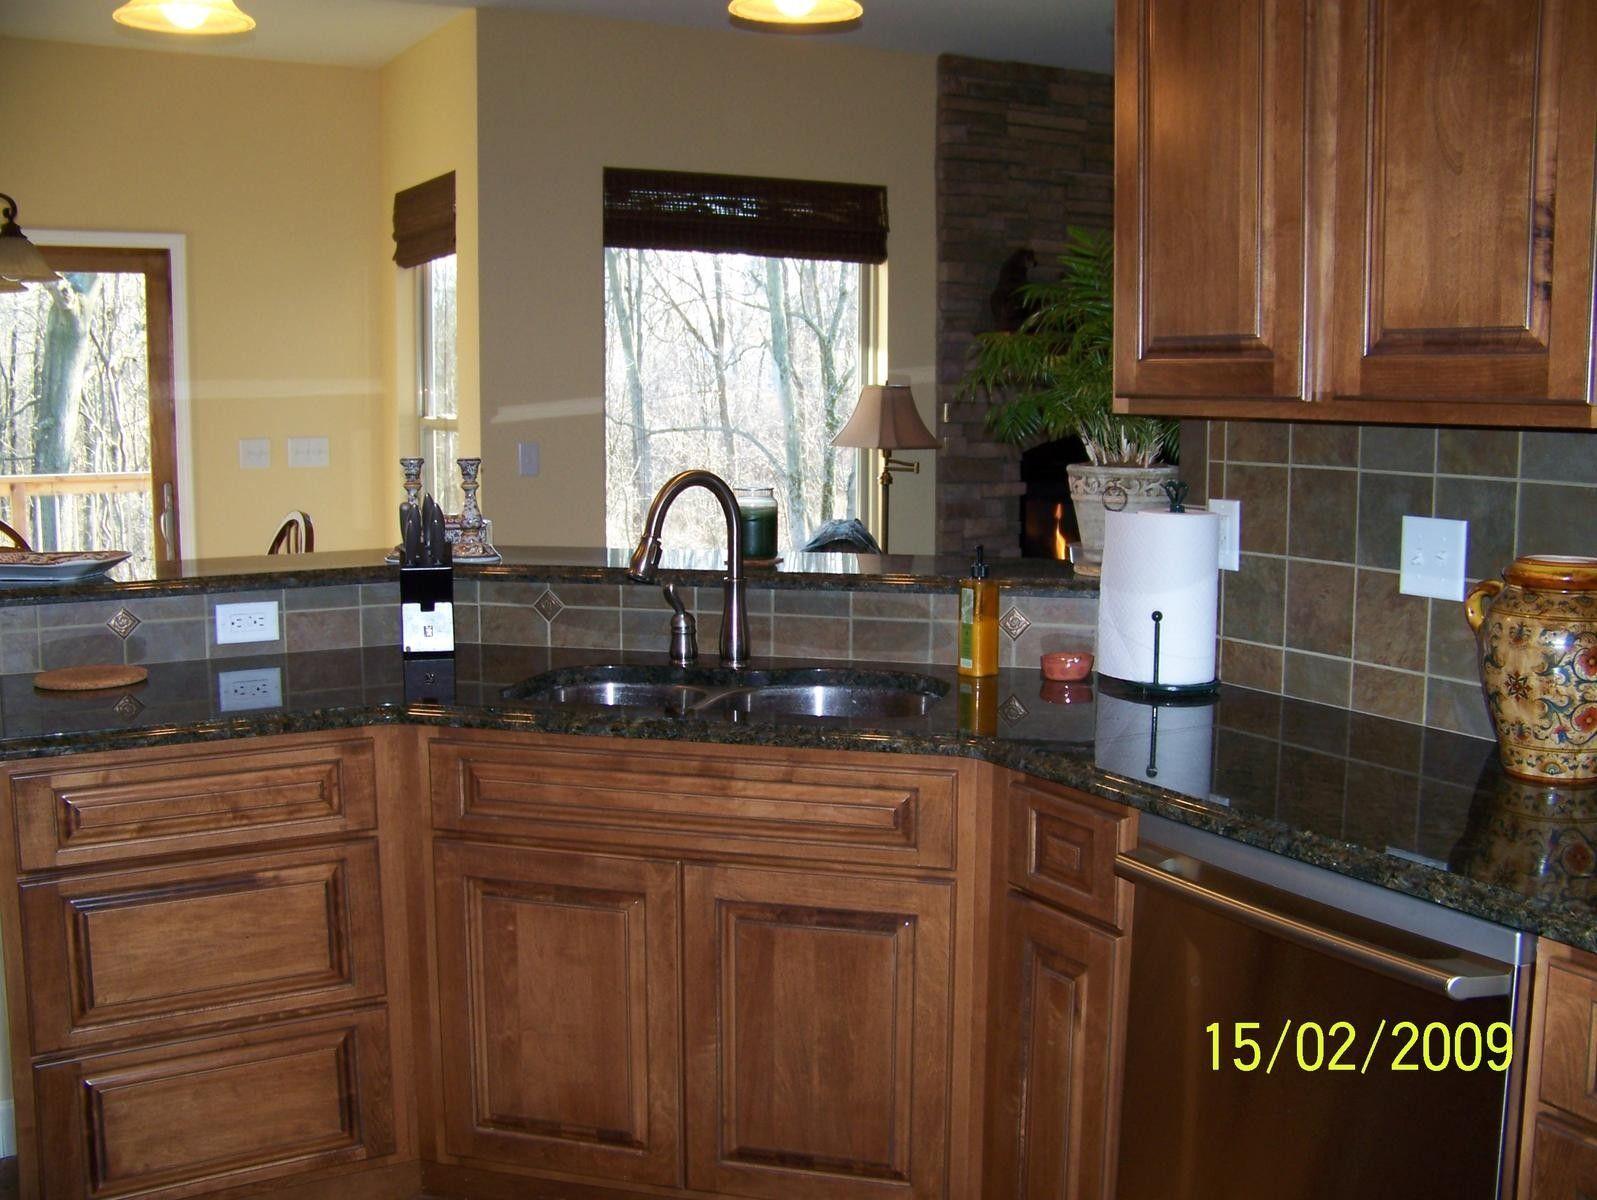 Ideen für küchenbeleuchtung ohne insel antique bronze kitchen cabinet hardware  chrom ist ein silber